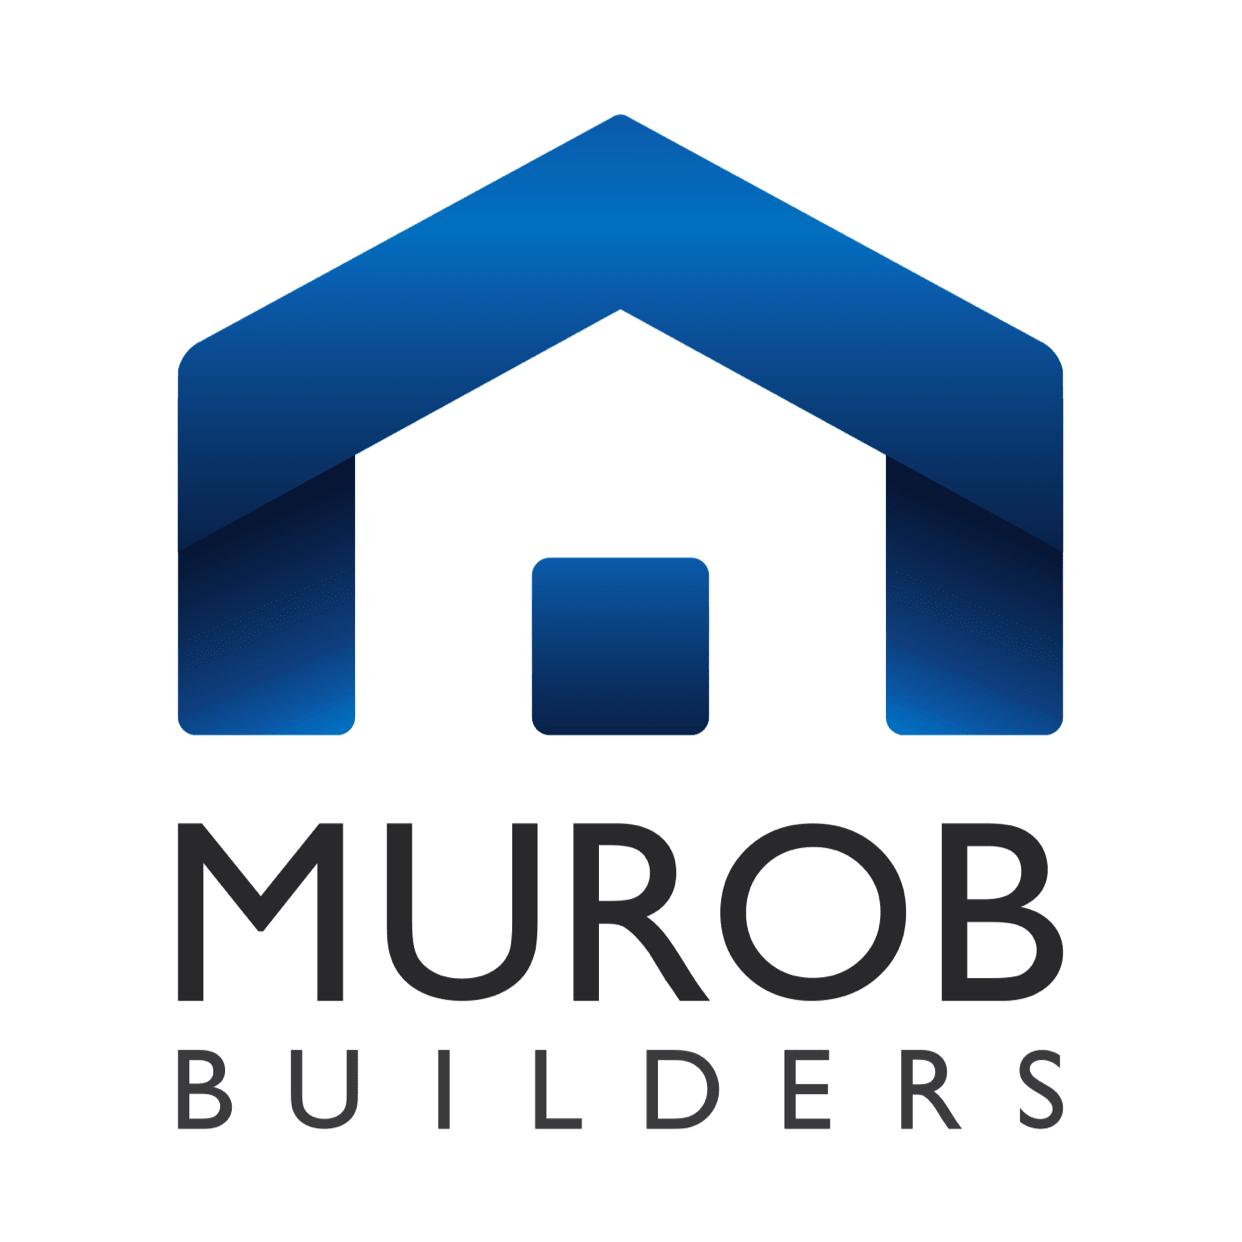 Murob Builders - Ballymena, County Antrim BT43 6JQ - 07515 363691 | ShowMeLocal.com